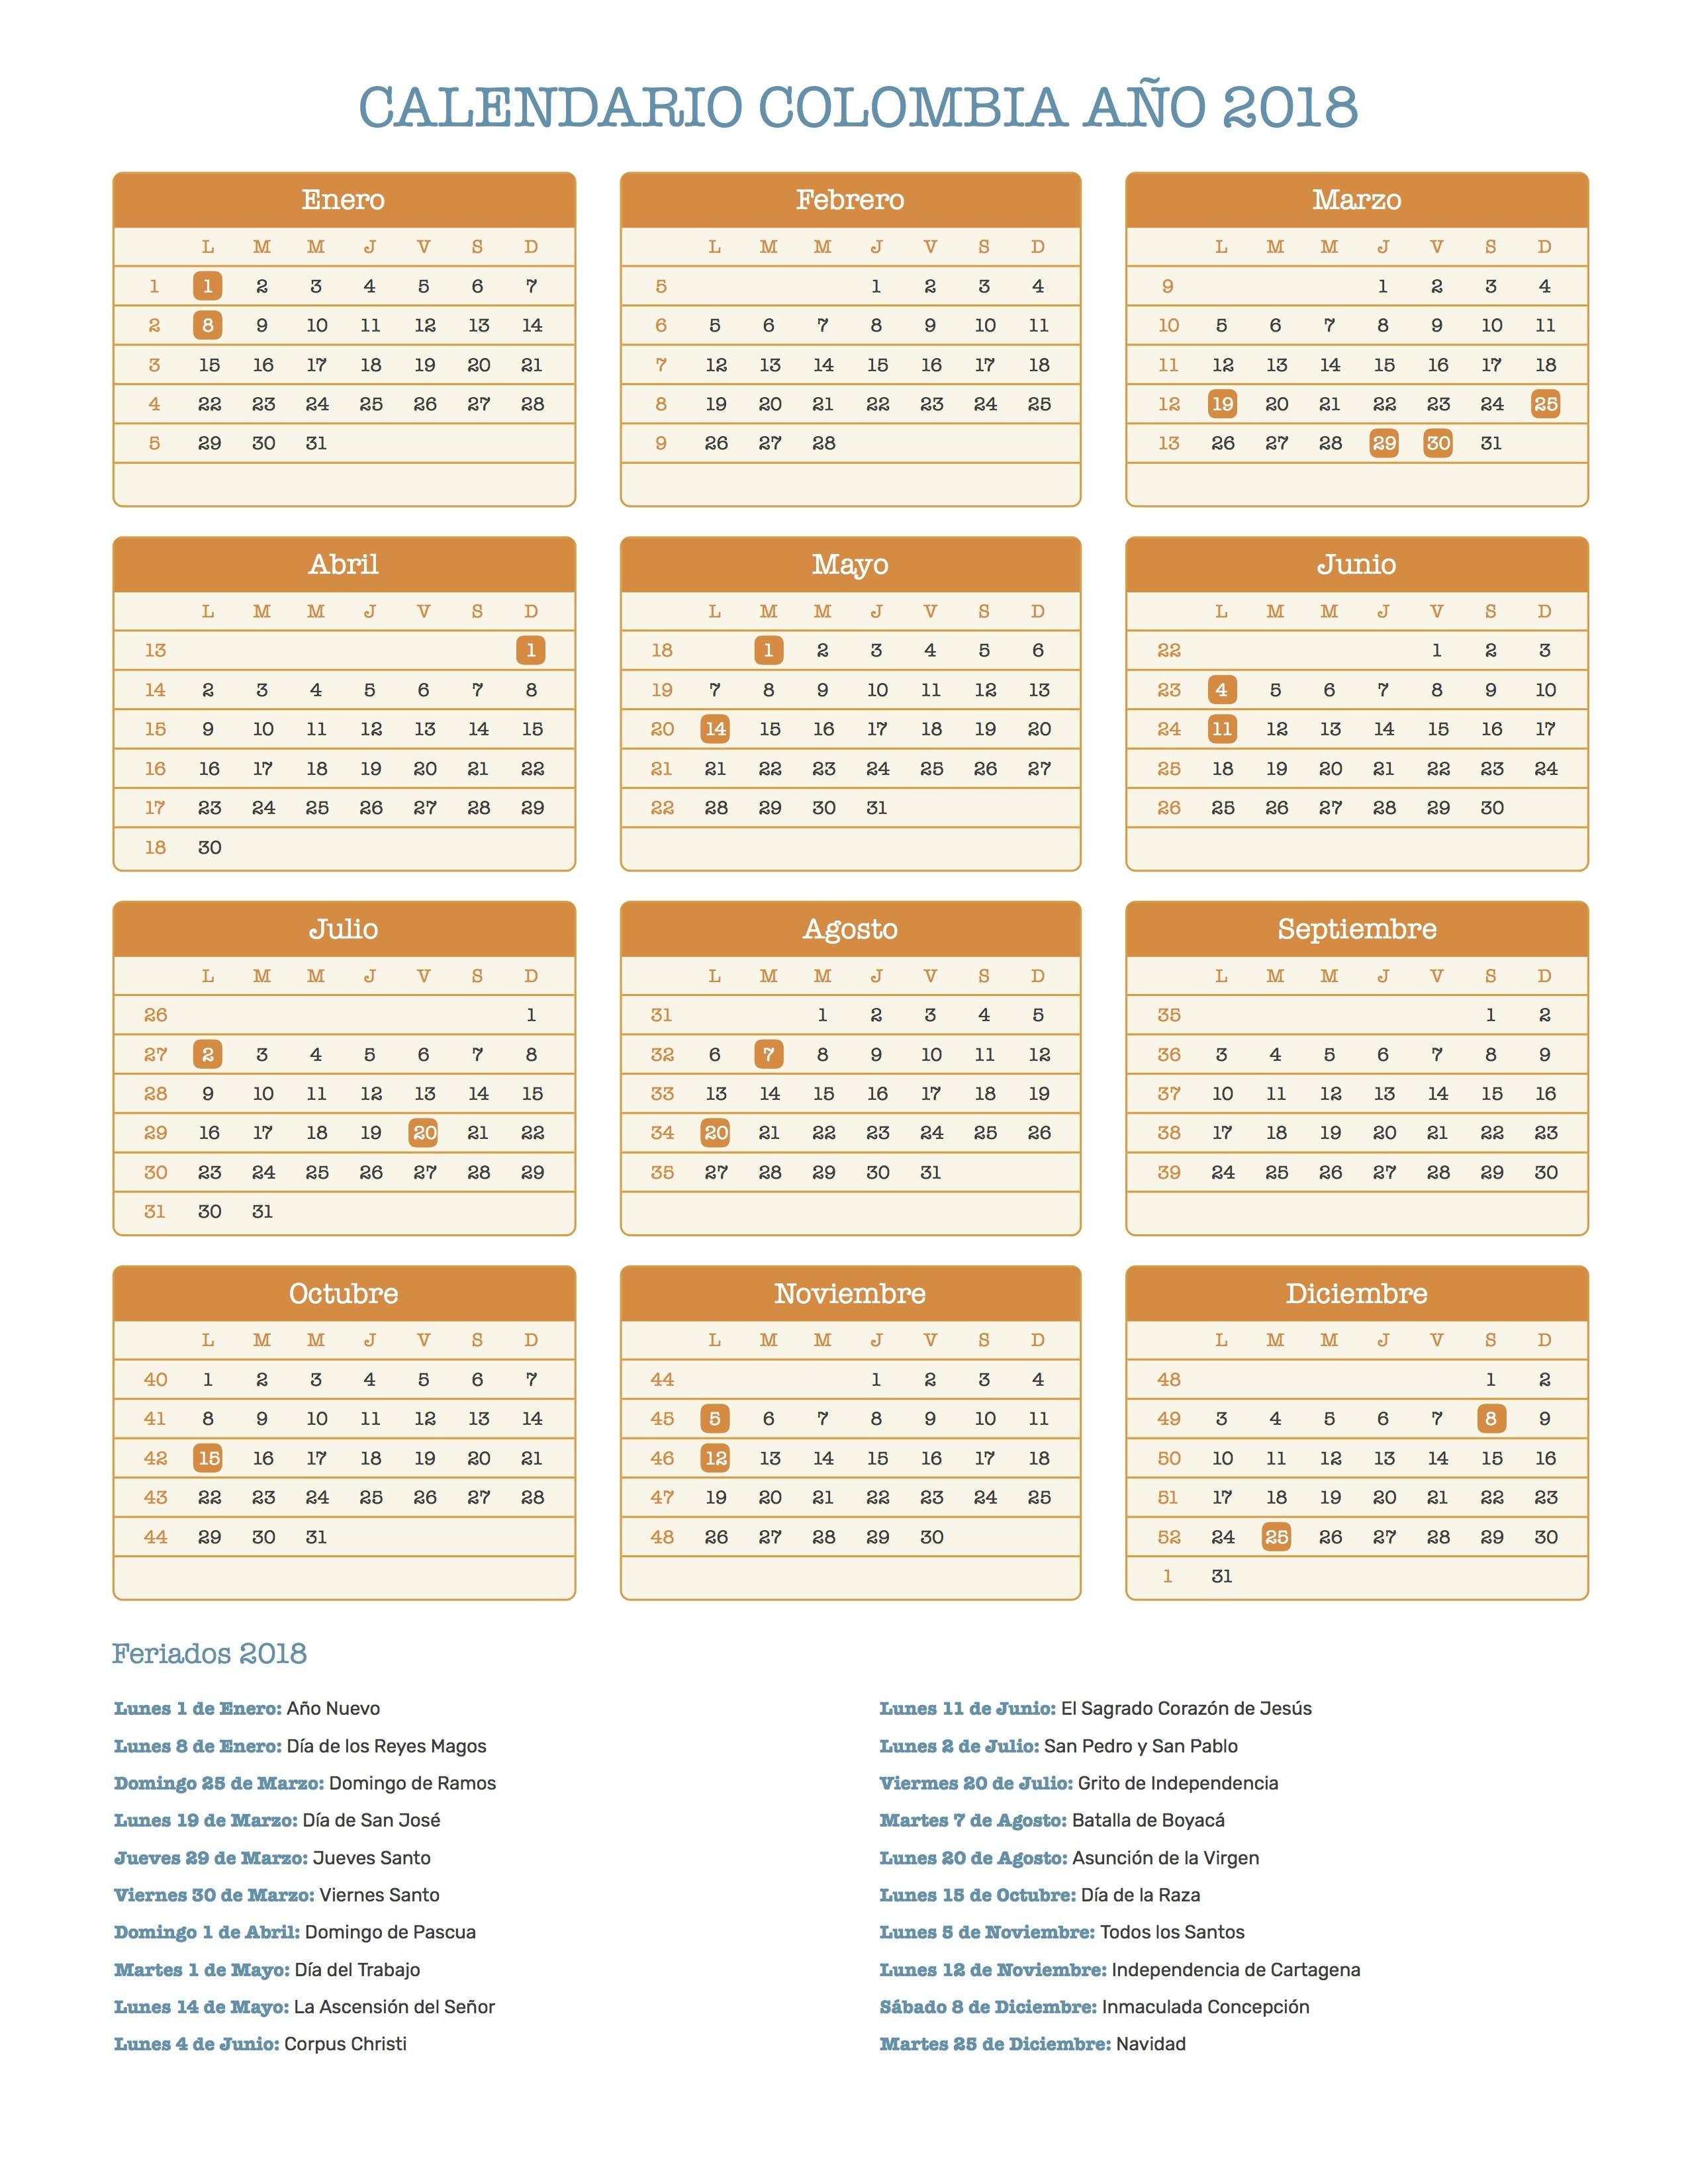 Calendario Febrero 2019 Colombia Más Recientes Calendario Octubre 2018 Colombia T Of Calendario Febrero 2019 Colombia Más Populares Calendario Octubre 2018 Colombia T